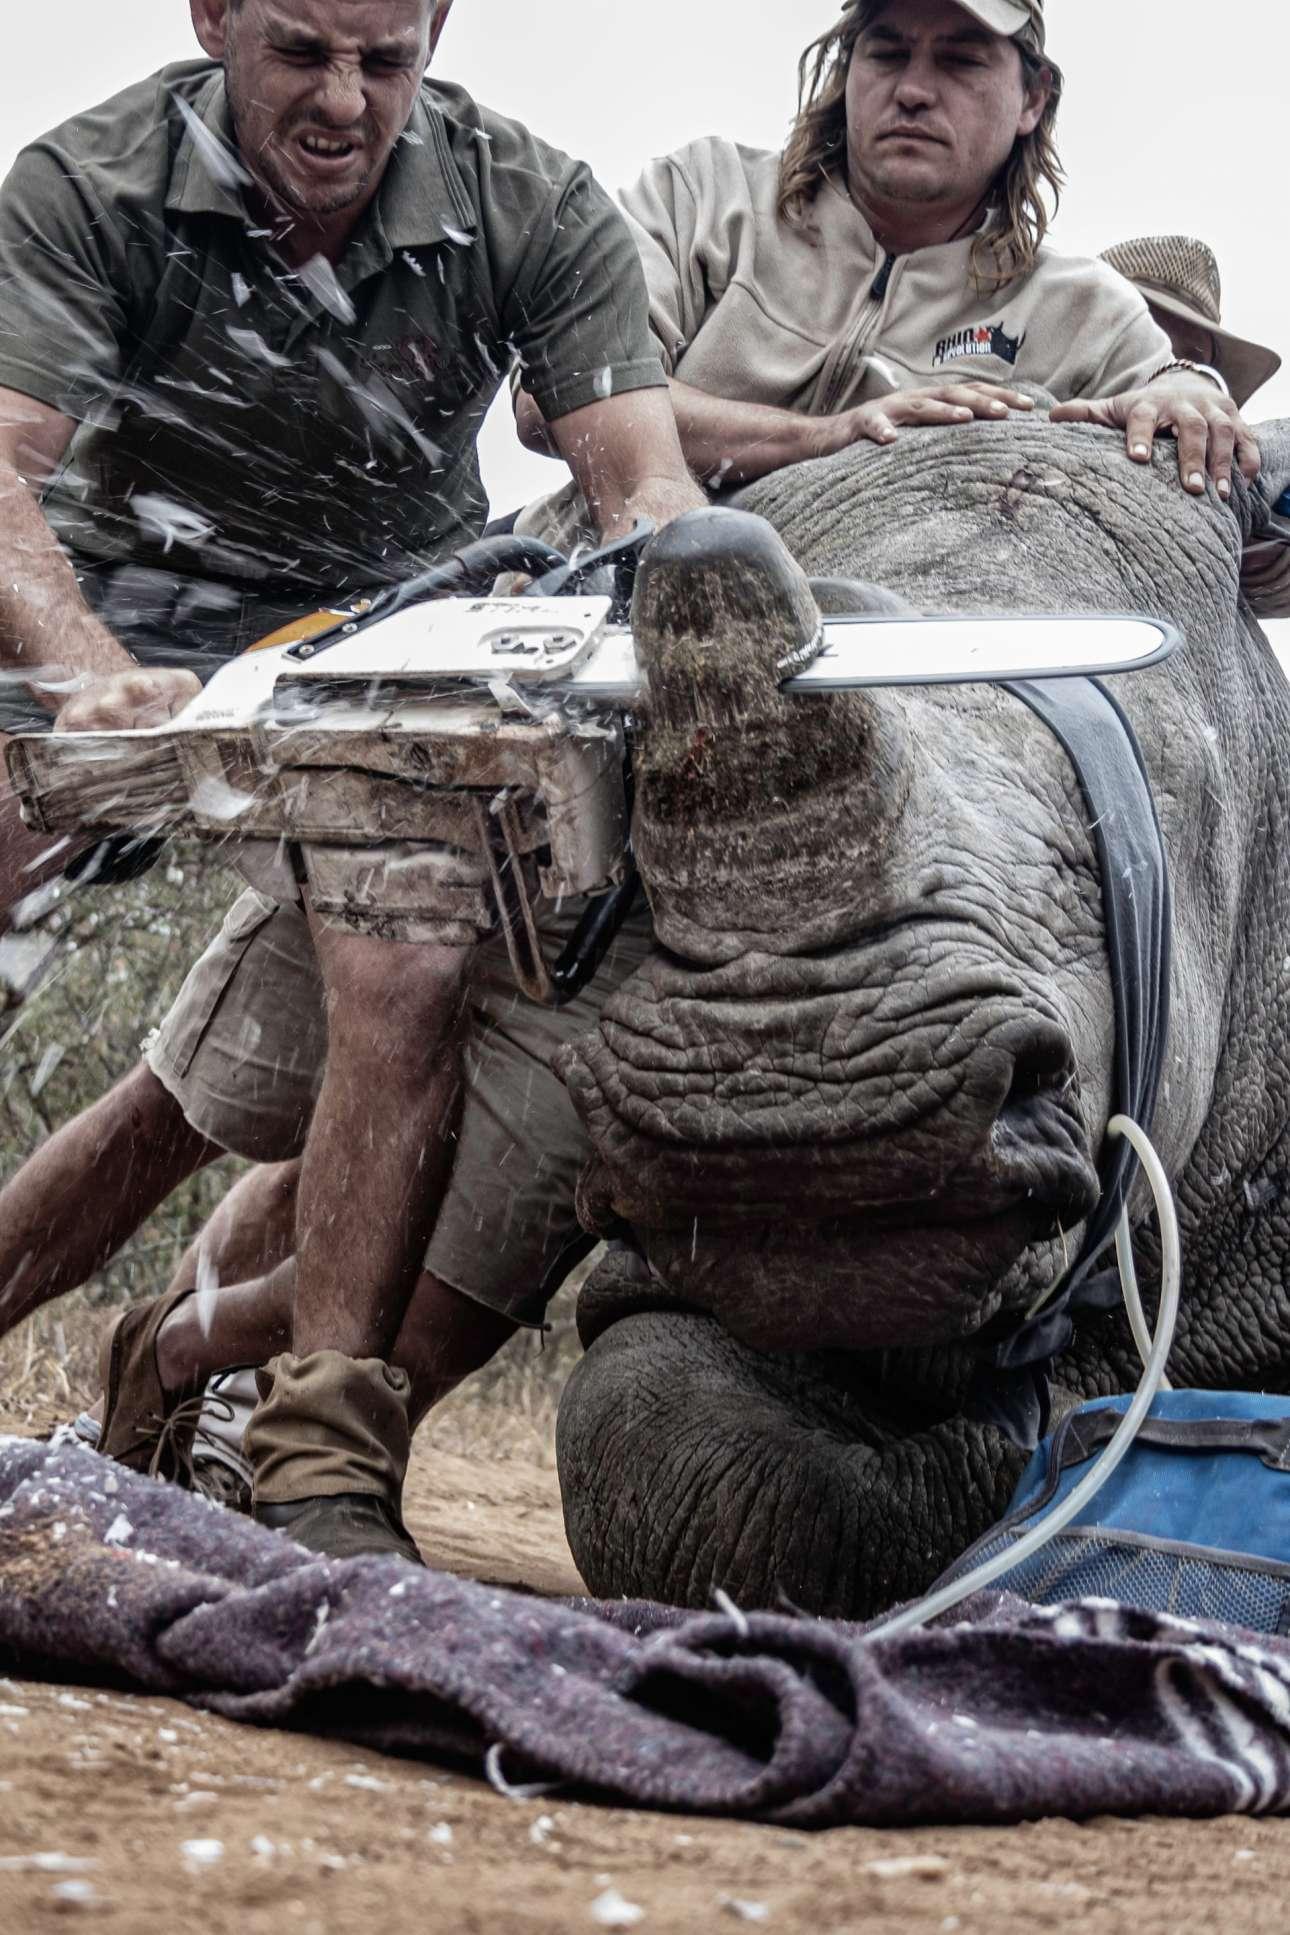 Νεαρός Φωτογράφος Περιβάλλοντος της Χρονιάς: δύο άνδρες κόβουν το κέρατο ρινόκερου στη Νότια Αφρική, προκειμένου να μην πέσει θύμα λαθροκυνηγών. Τα επίπεδα λαθροθηρίας είναι τόσο υψηλά που οι ειδικοί συστήνουν την αφαίρεση του κεράτου κάθε 12-14 μήνες, ώστε να αποτρέπονται αποτελεσματικά οι λαθροκυνηγοί